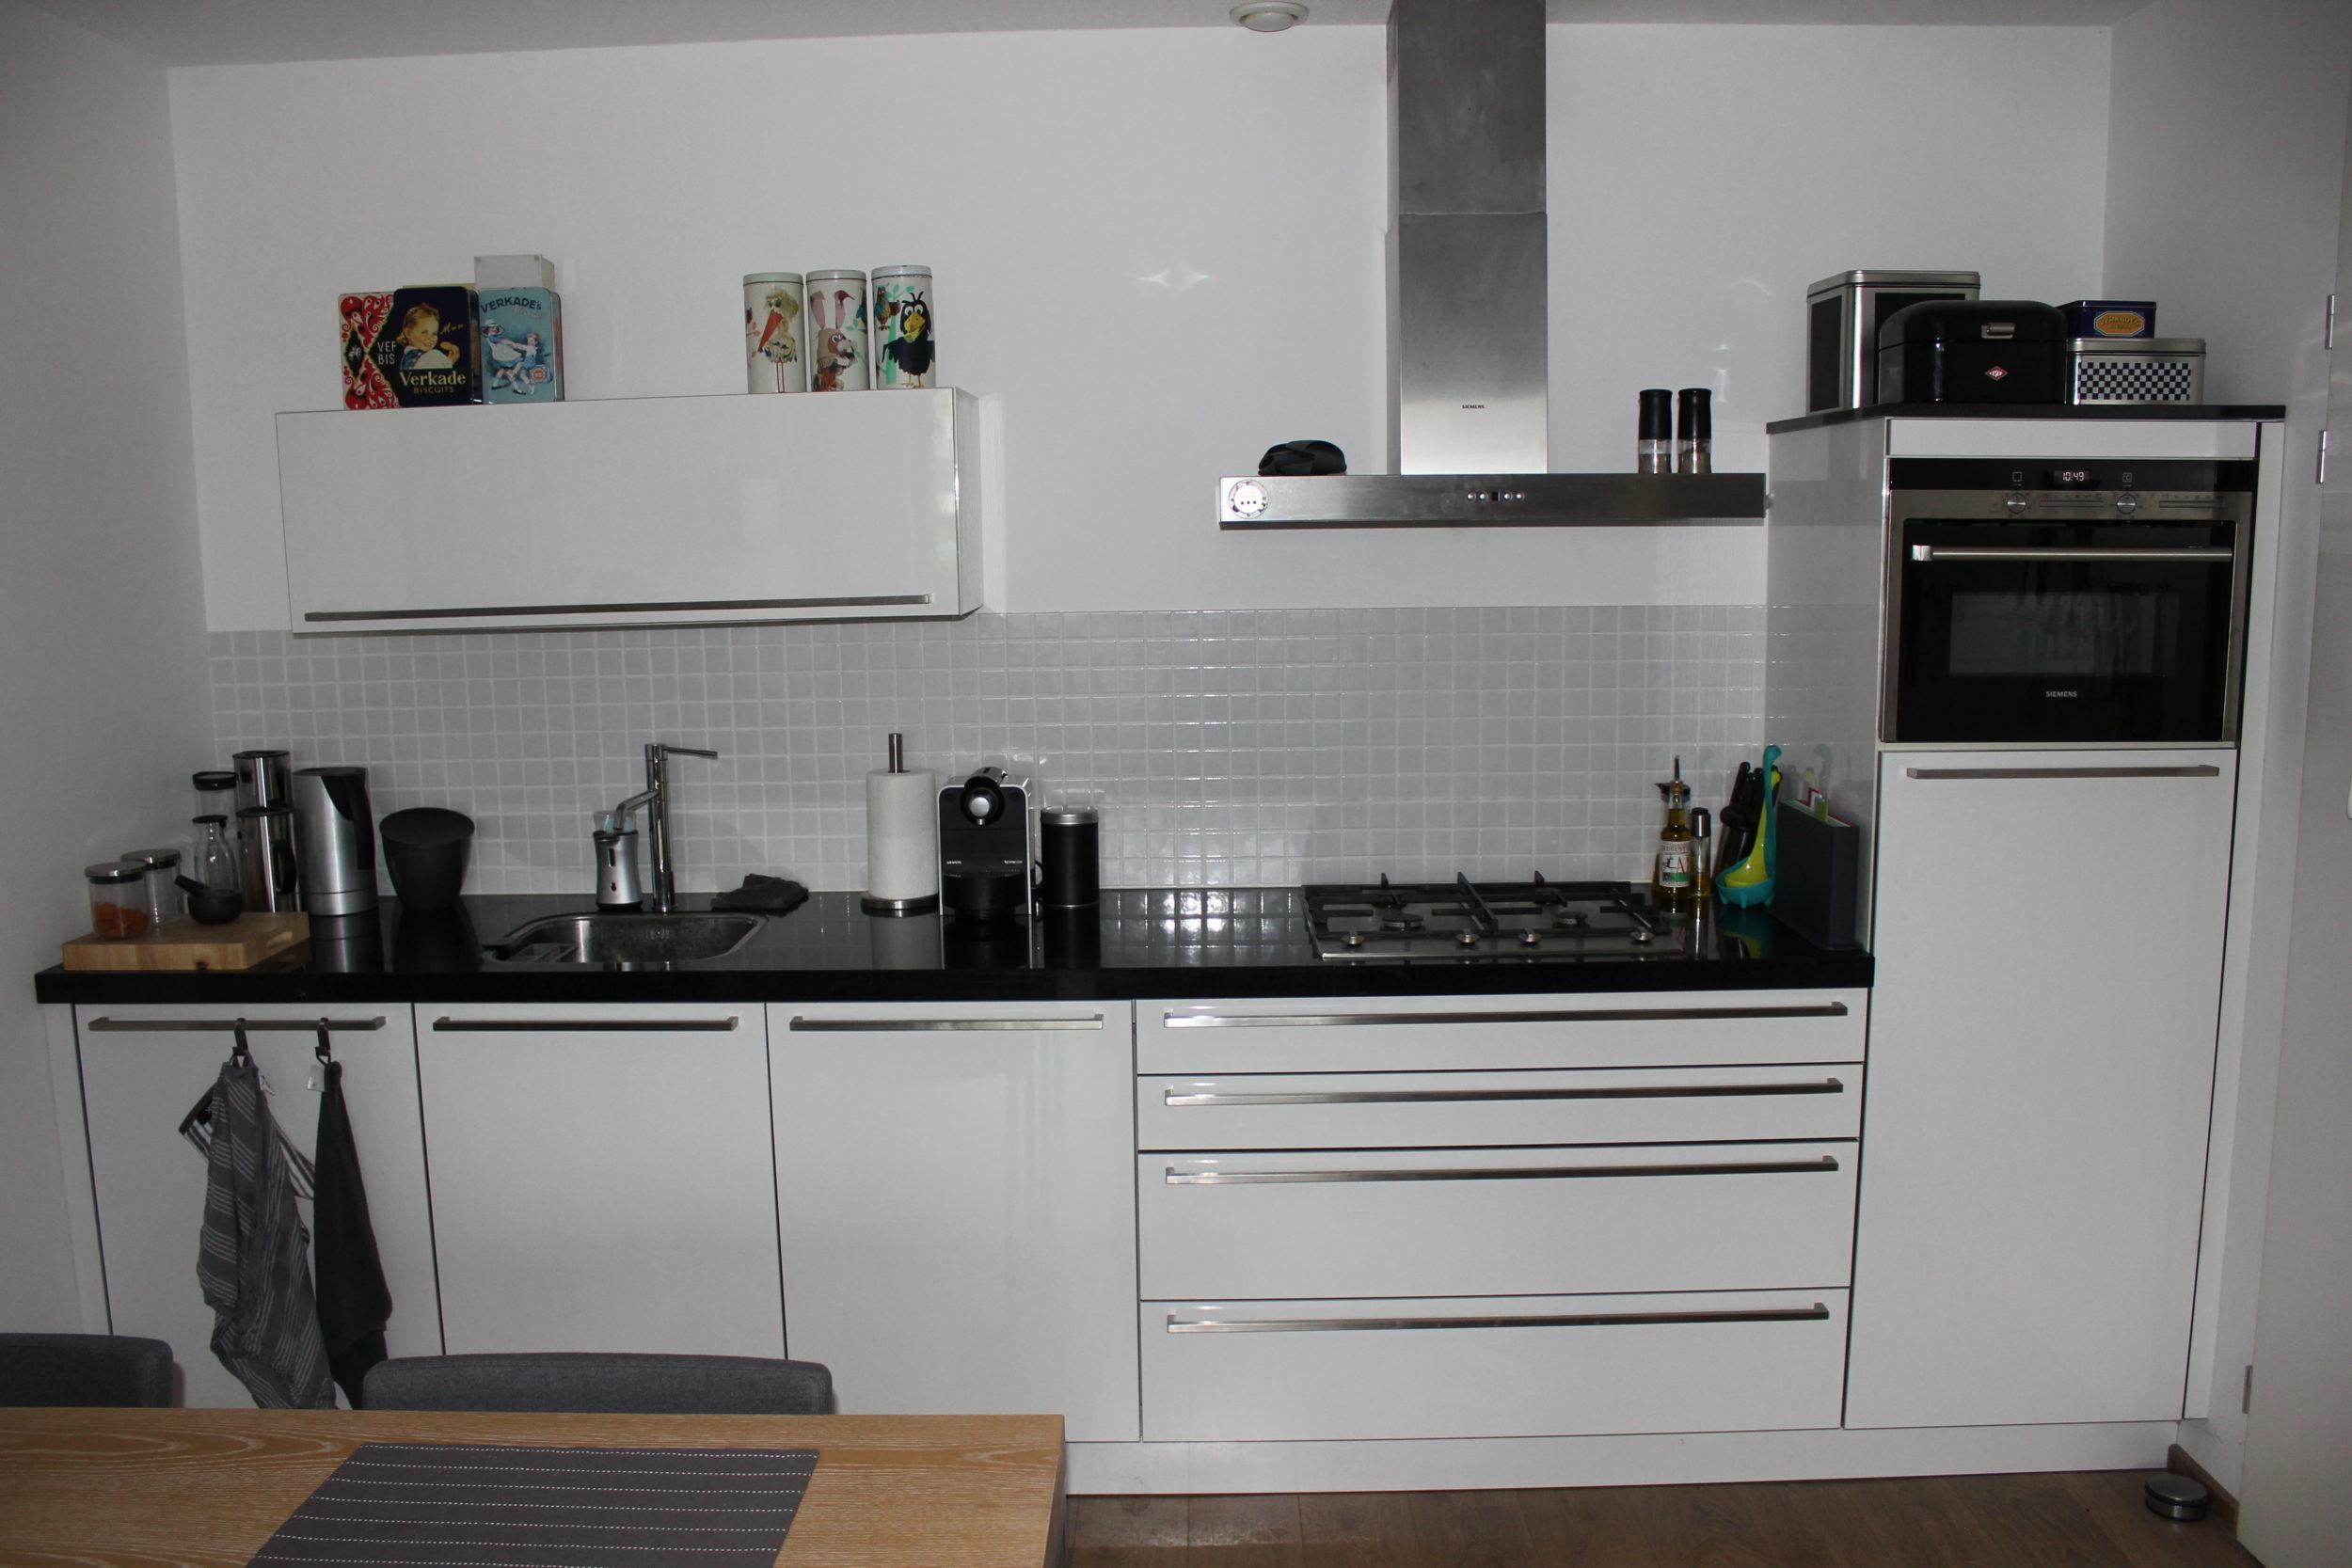 Advies Keuken Kopen : Keuken high level keukens nijmegen arnhem bemmel